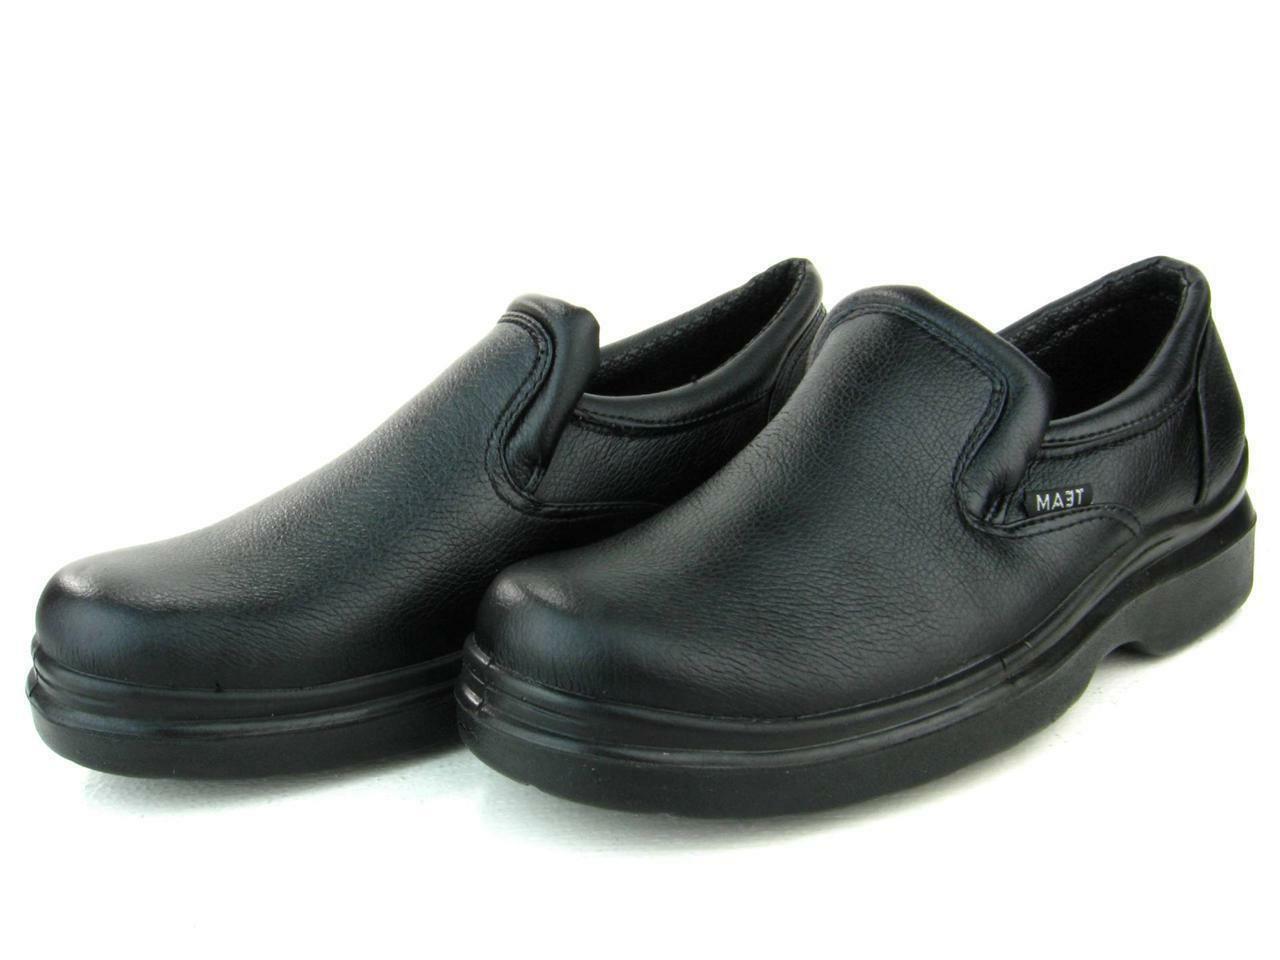 Men's Kitchen Work Shoes Loafer Slip-On Non-Slip